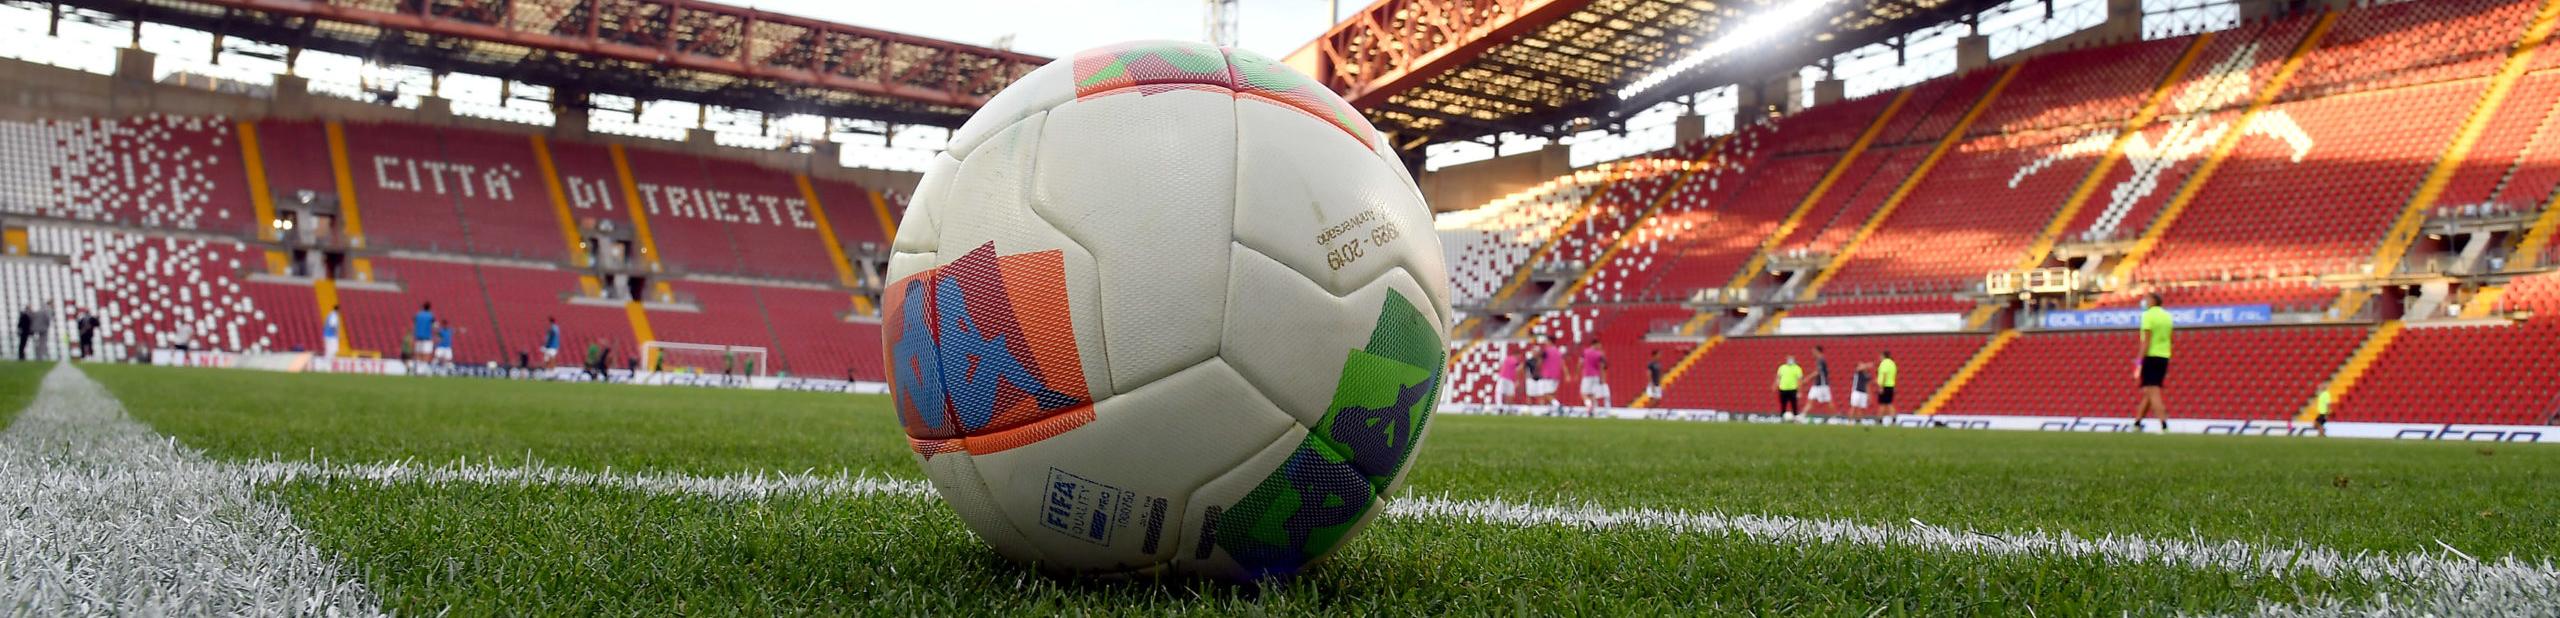 Pordenone-Pisa, al Rocco un test per la promozione lungo 90 minuti